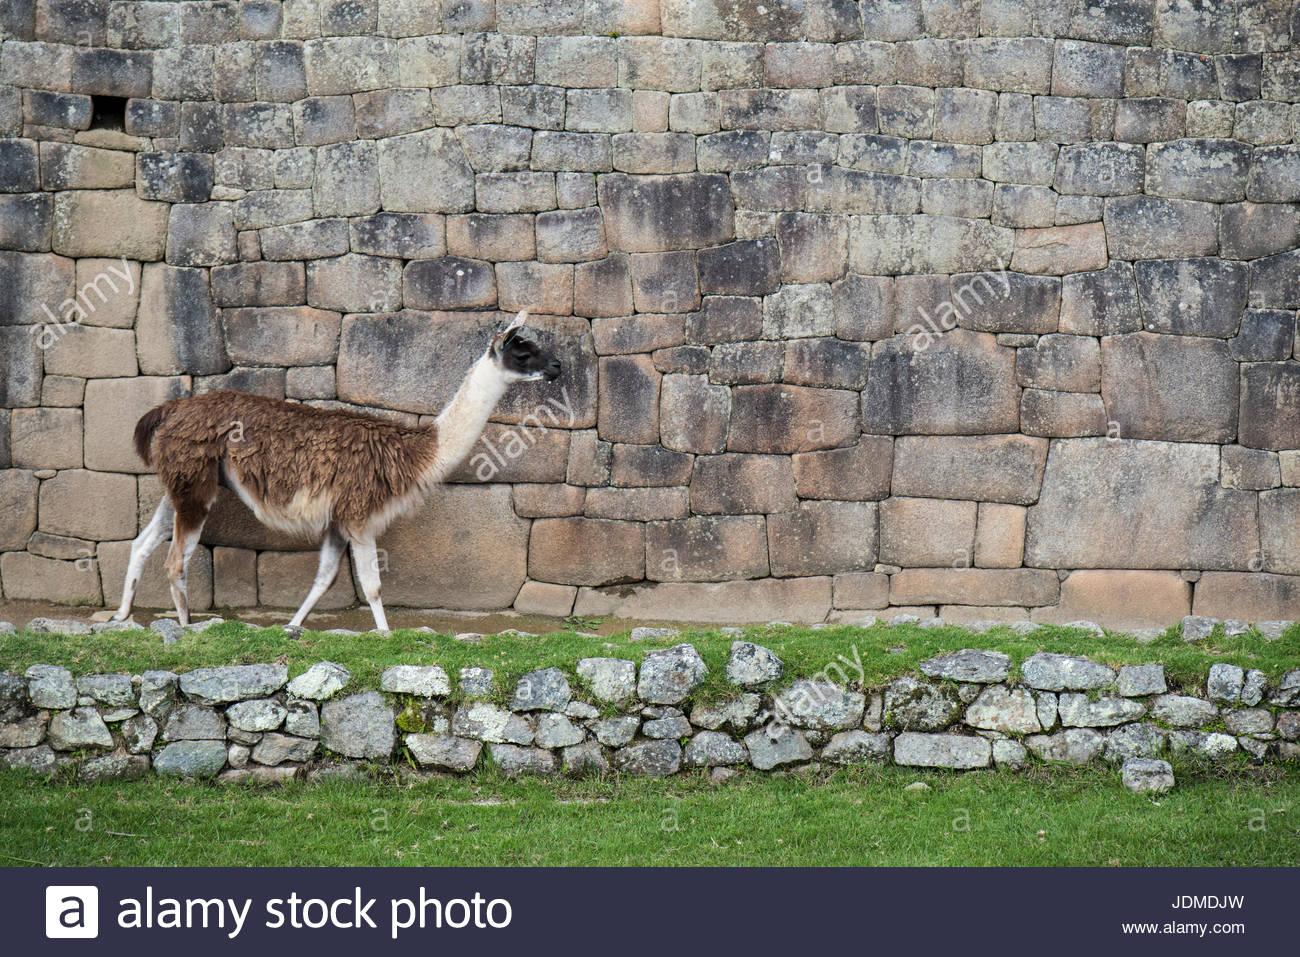 Eine Lama Wanderungen entlang einer Wand in Machu Picchu. Stockbild